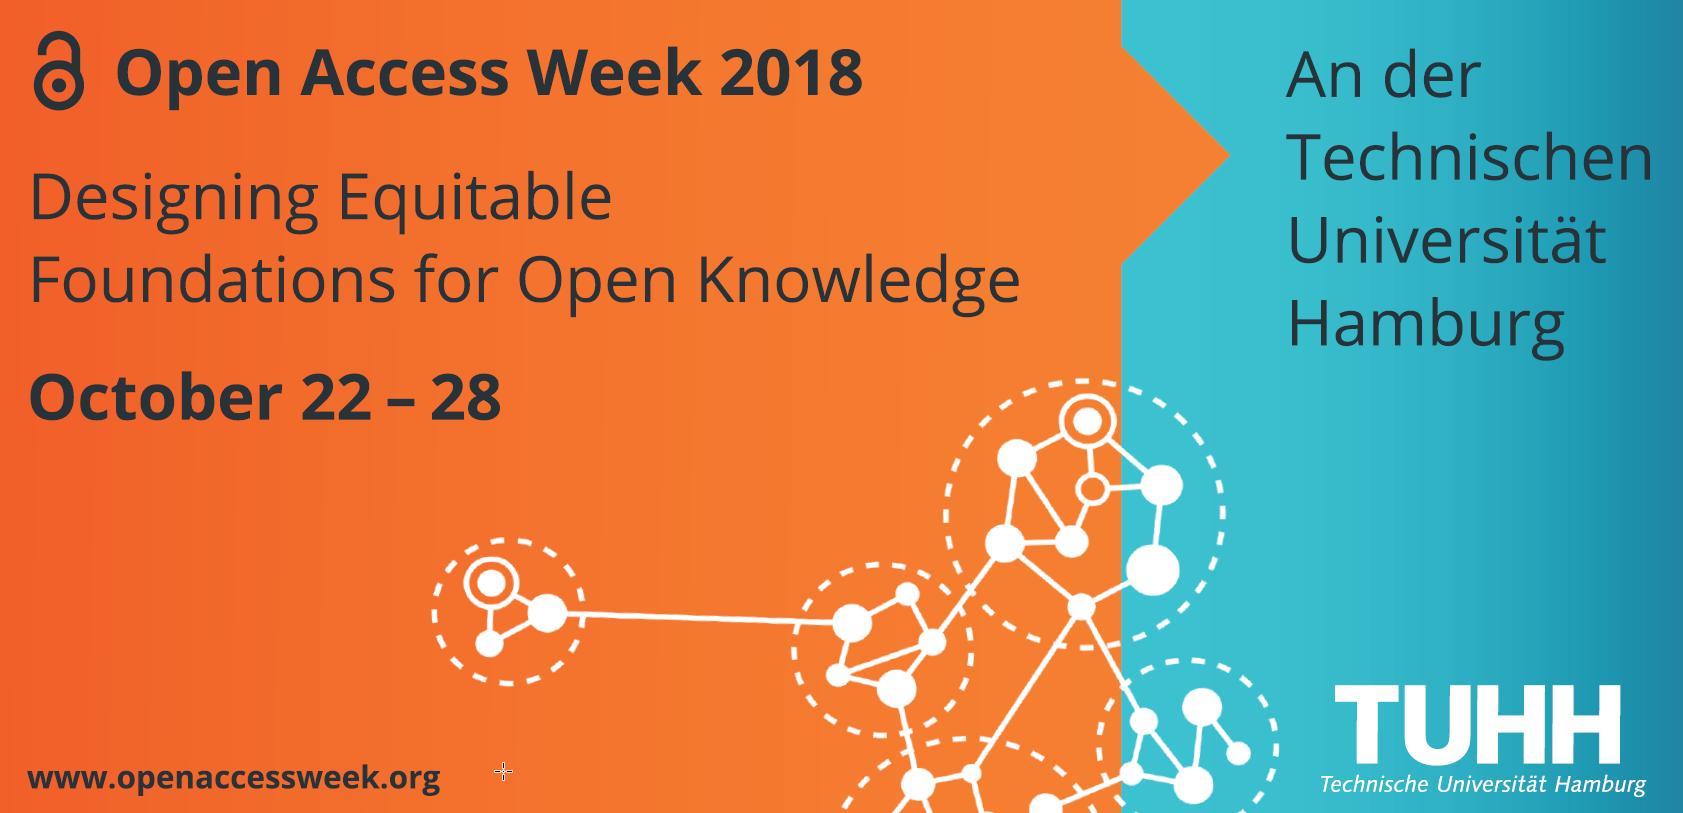 Programm-Logo für die Open Access Week 2018 an der TUHH